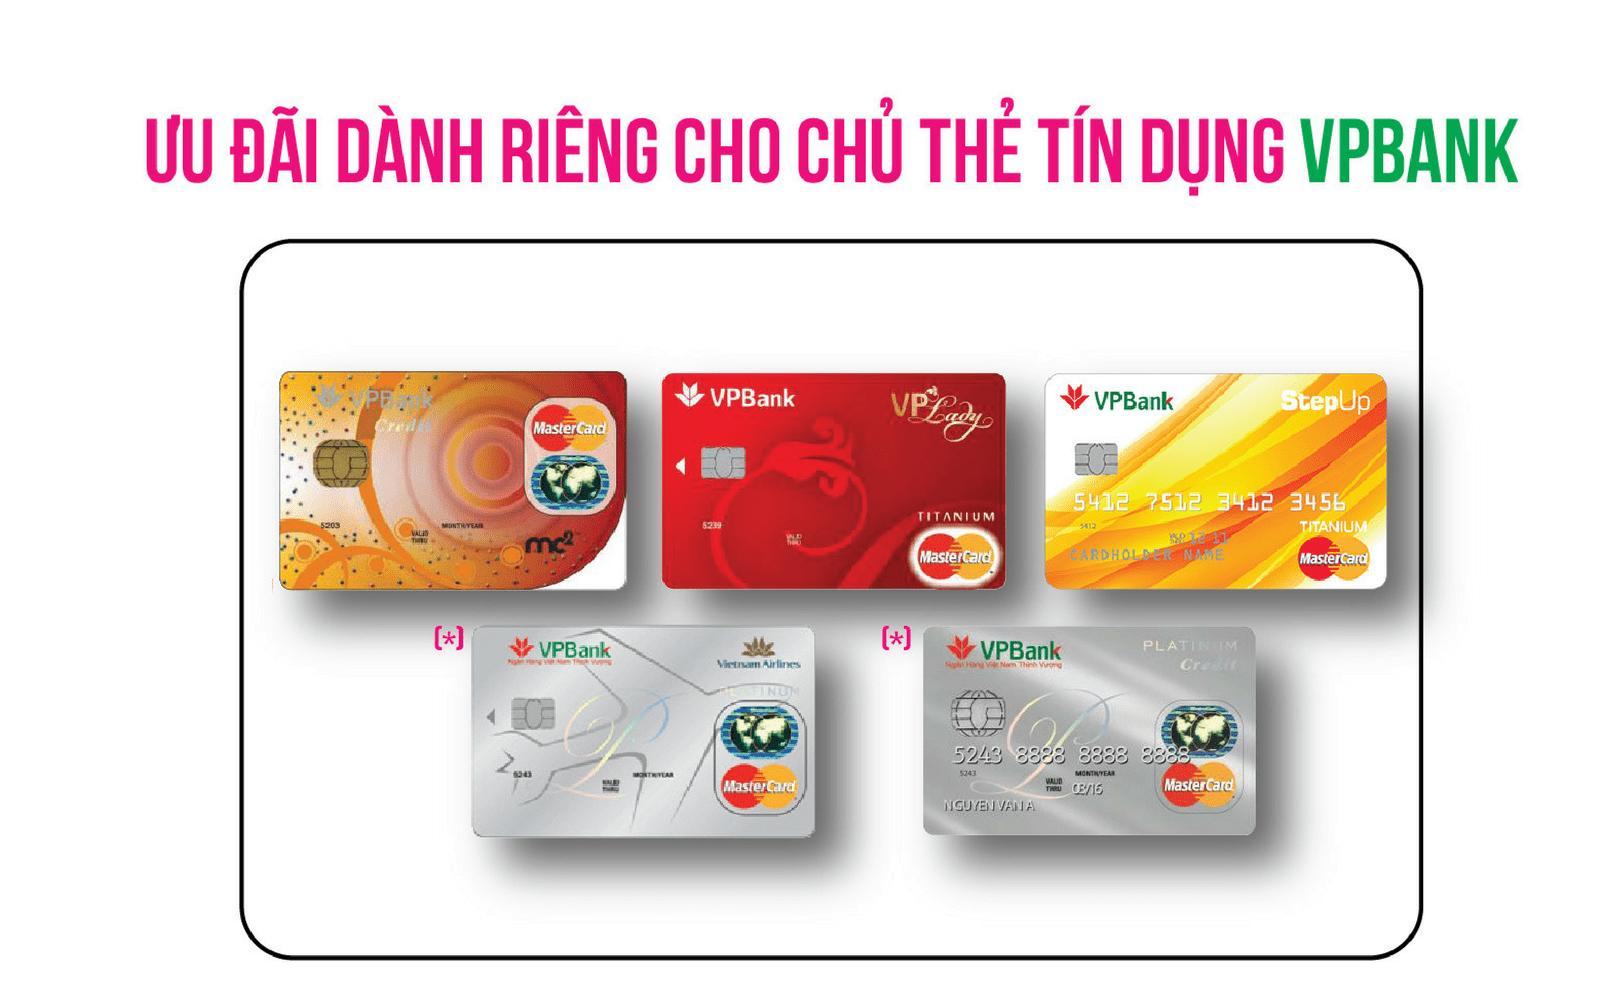 Ưu đãi thẻ tín dụng vpbank